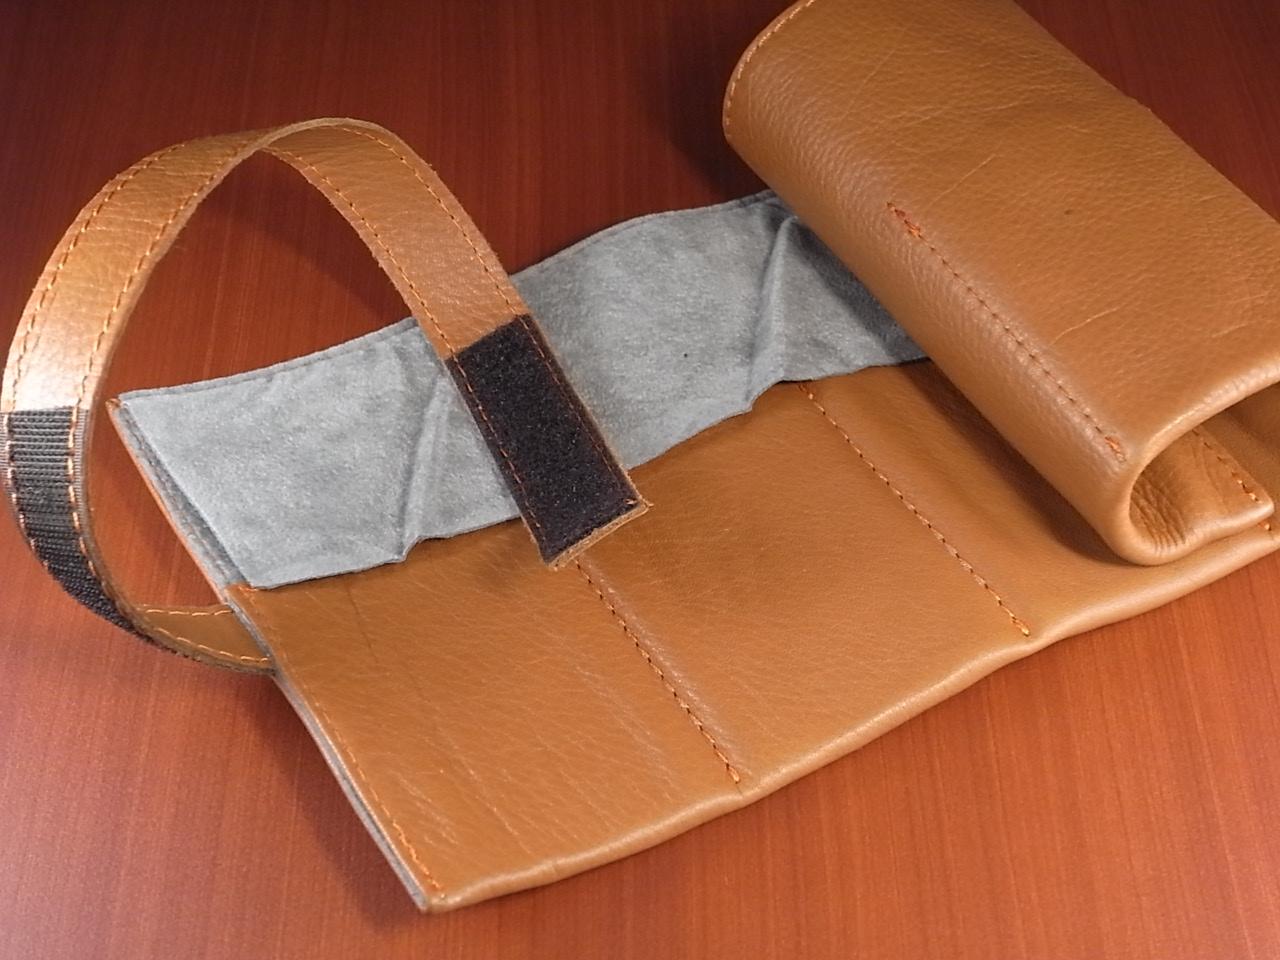 本革時計ケース 携帯タイプ 6本用 イタリア製 茶 オレンジステッチの写真3枚目